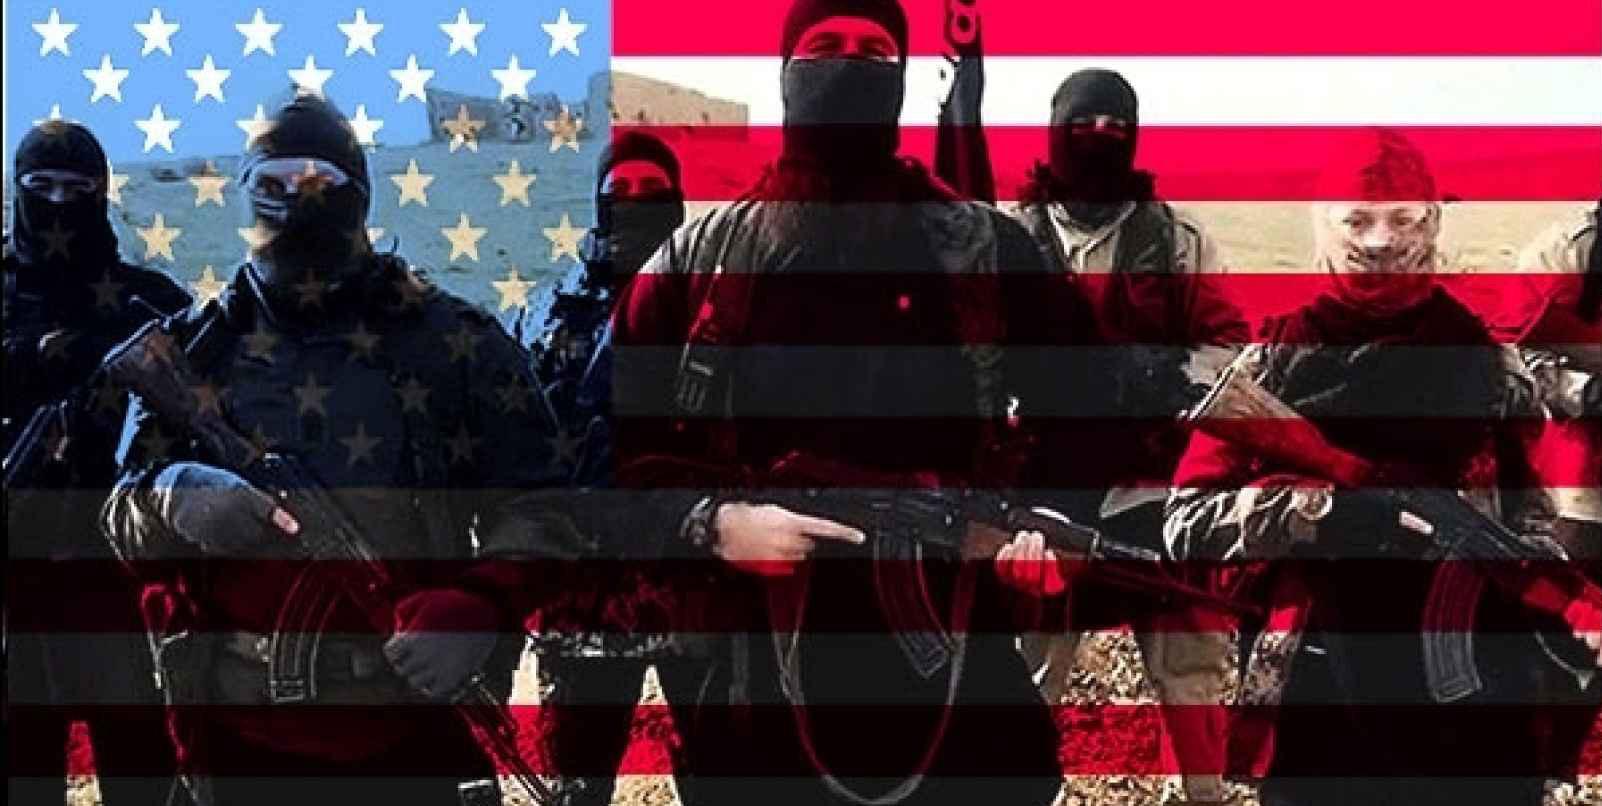 نقش-آمریکا-در-ایجاد-القاعده-و-داعش-چه-بوده؟